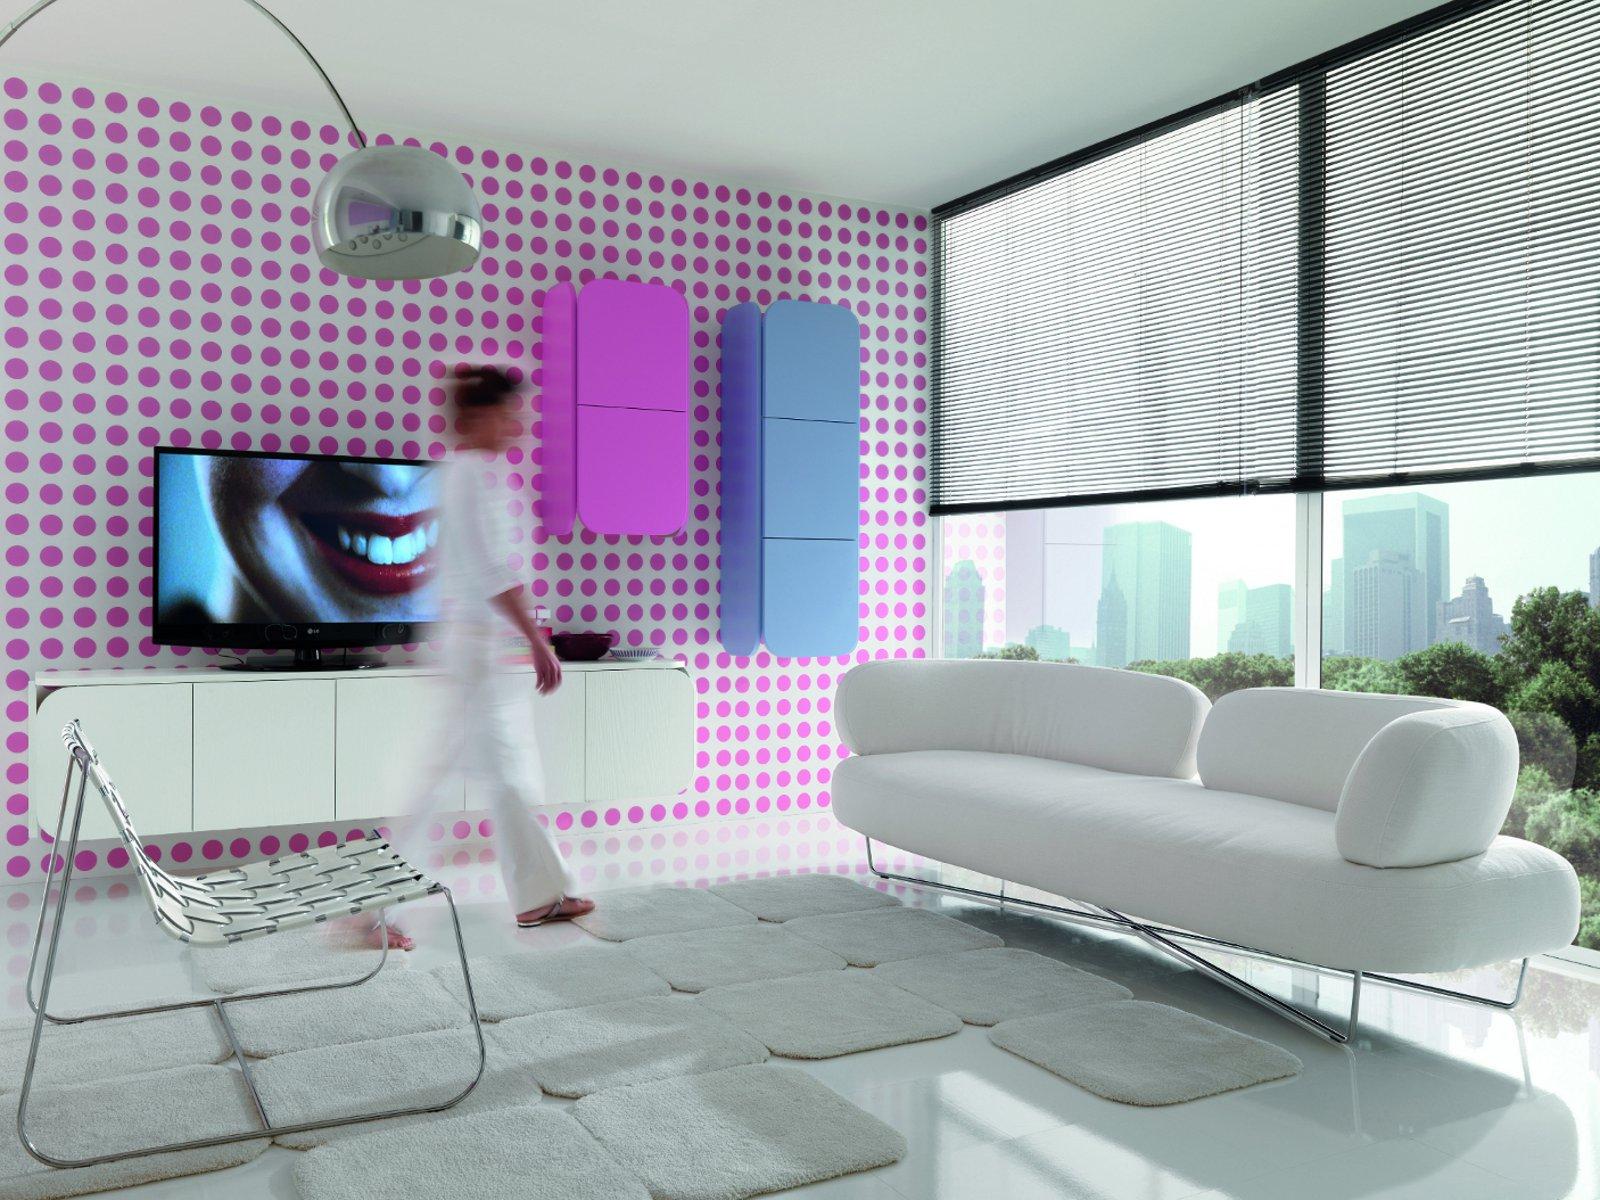 Контрастный дизайн кухни IT-IS в минималистском стиле